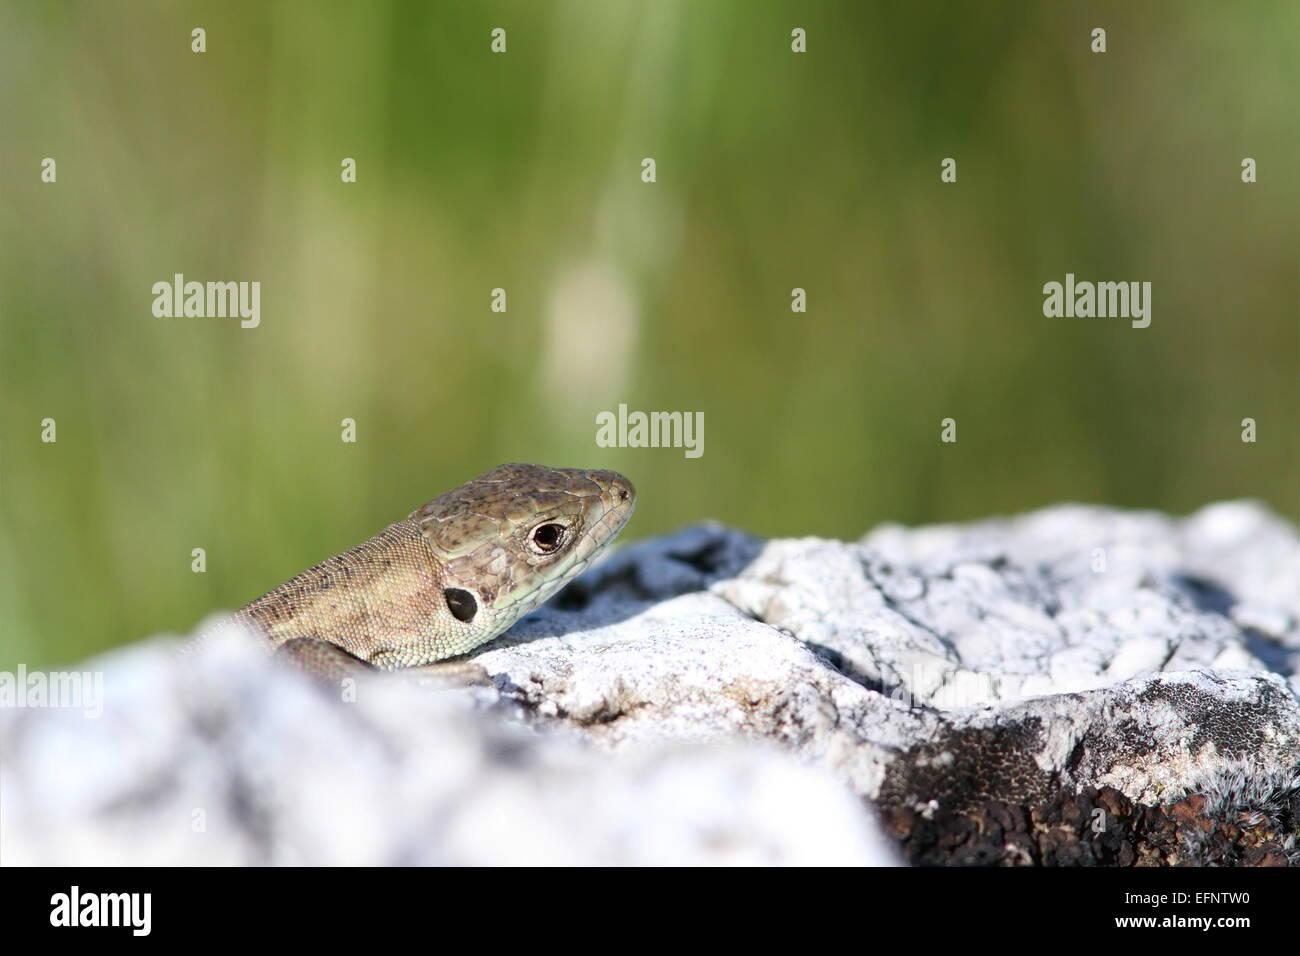 Juvenile Lacerta Viridis (Europäische Grüne Eidechse) versteckt sich hinter Kalkfelsen Stockfoto